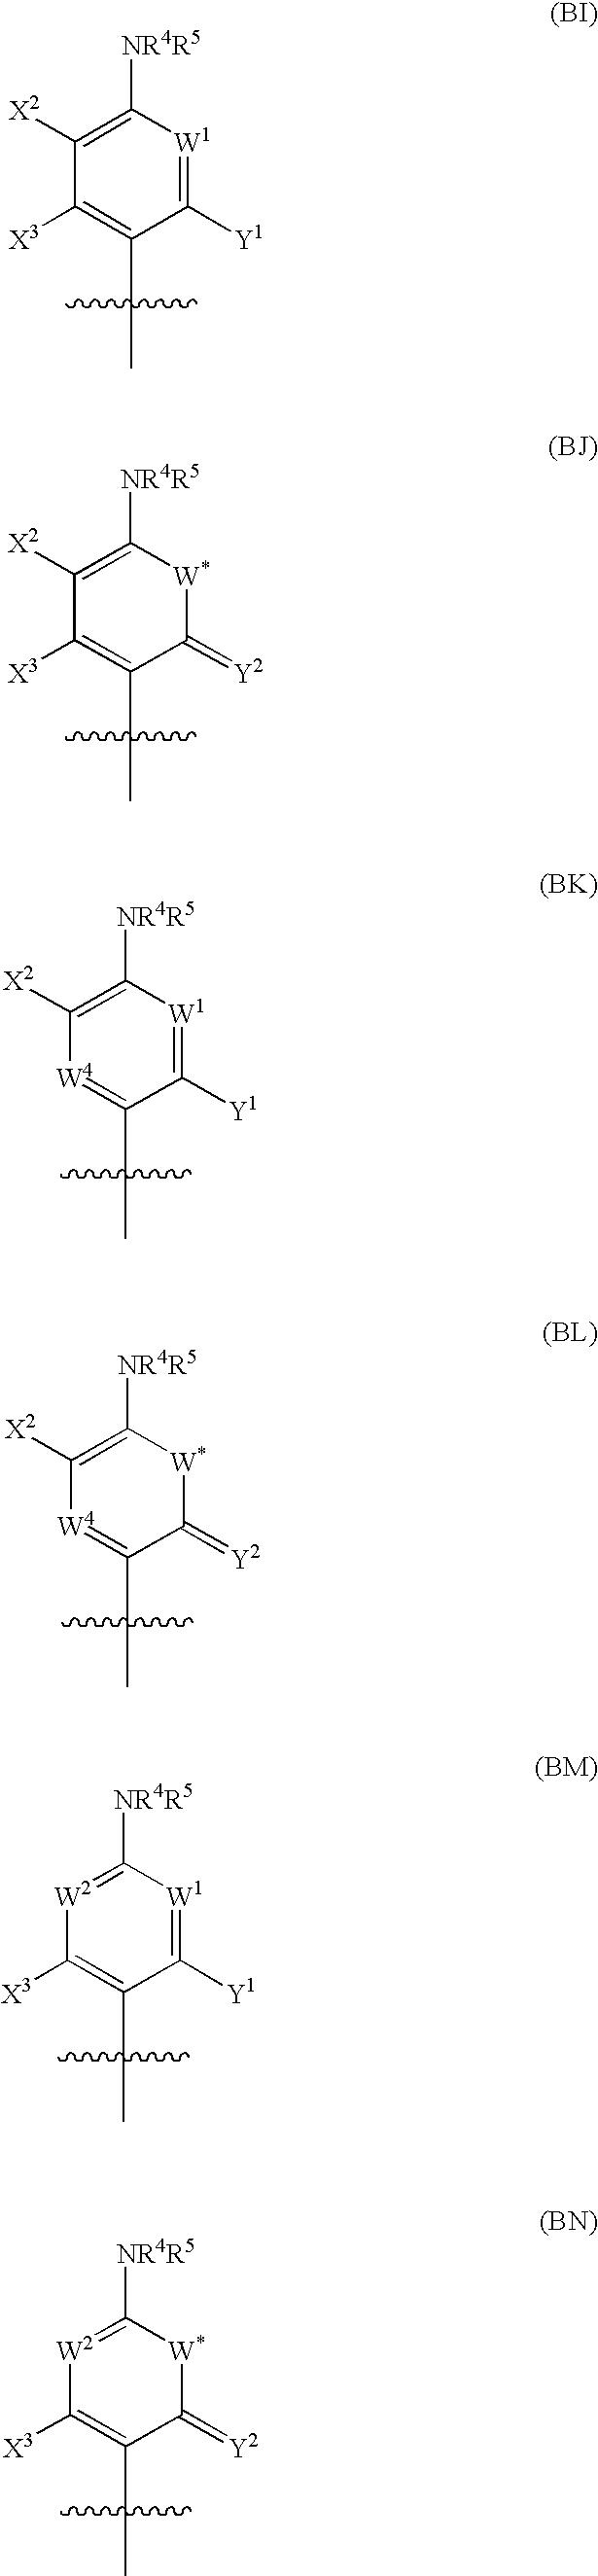 Figure US07608600-20091027-C00035